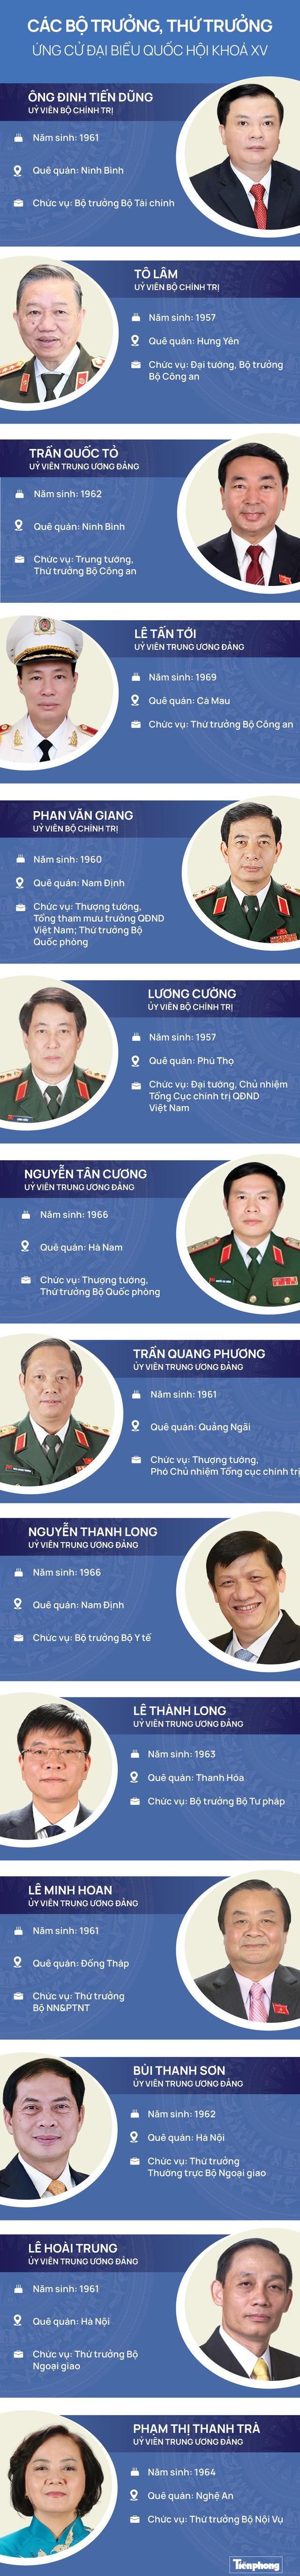 Các Bộ trưởng, Thứ trưởng ứng cử Quốc hội khoá XV - Ảnh 1.